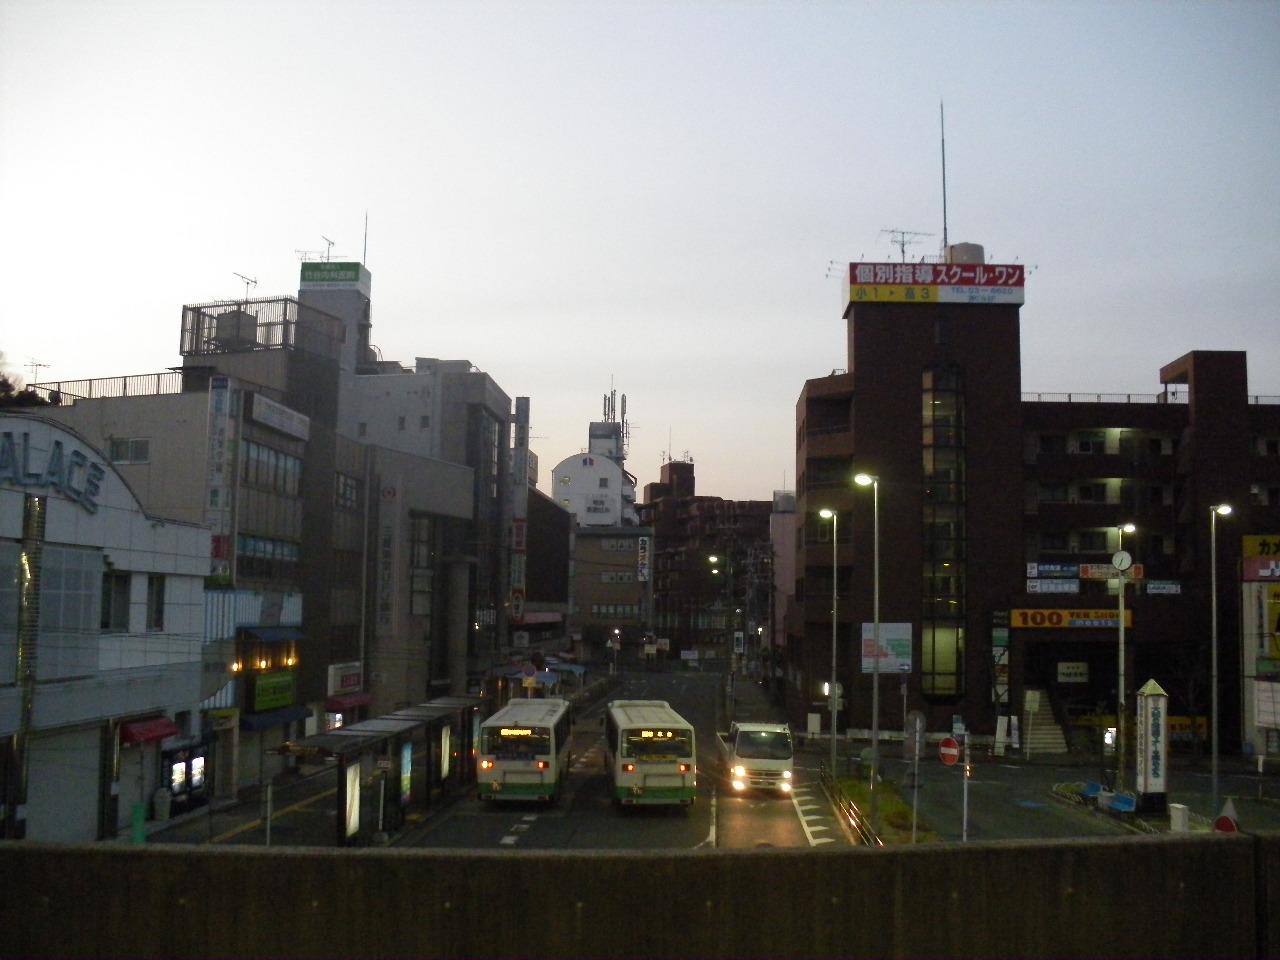 6:37 富雄駅前をホームから眺めて